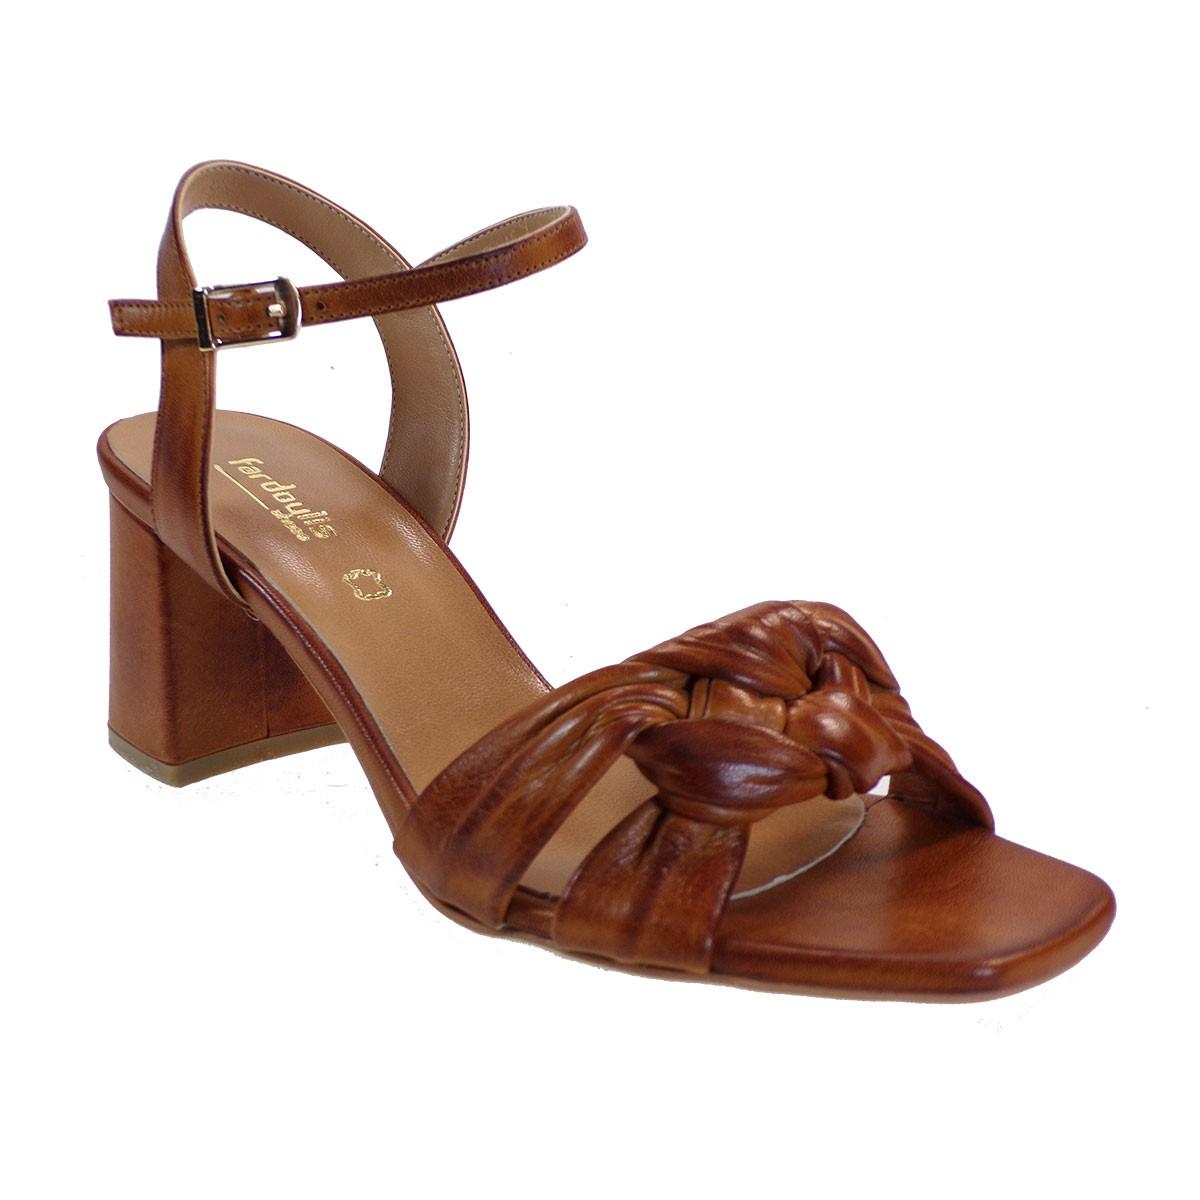 Fardoulis shoes Γυναικεία Παπούτσια Πέδιλα 609-40Χ Ταμπά Δέρμα